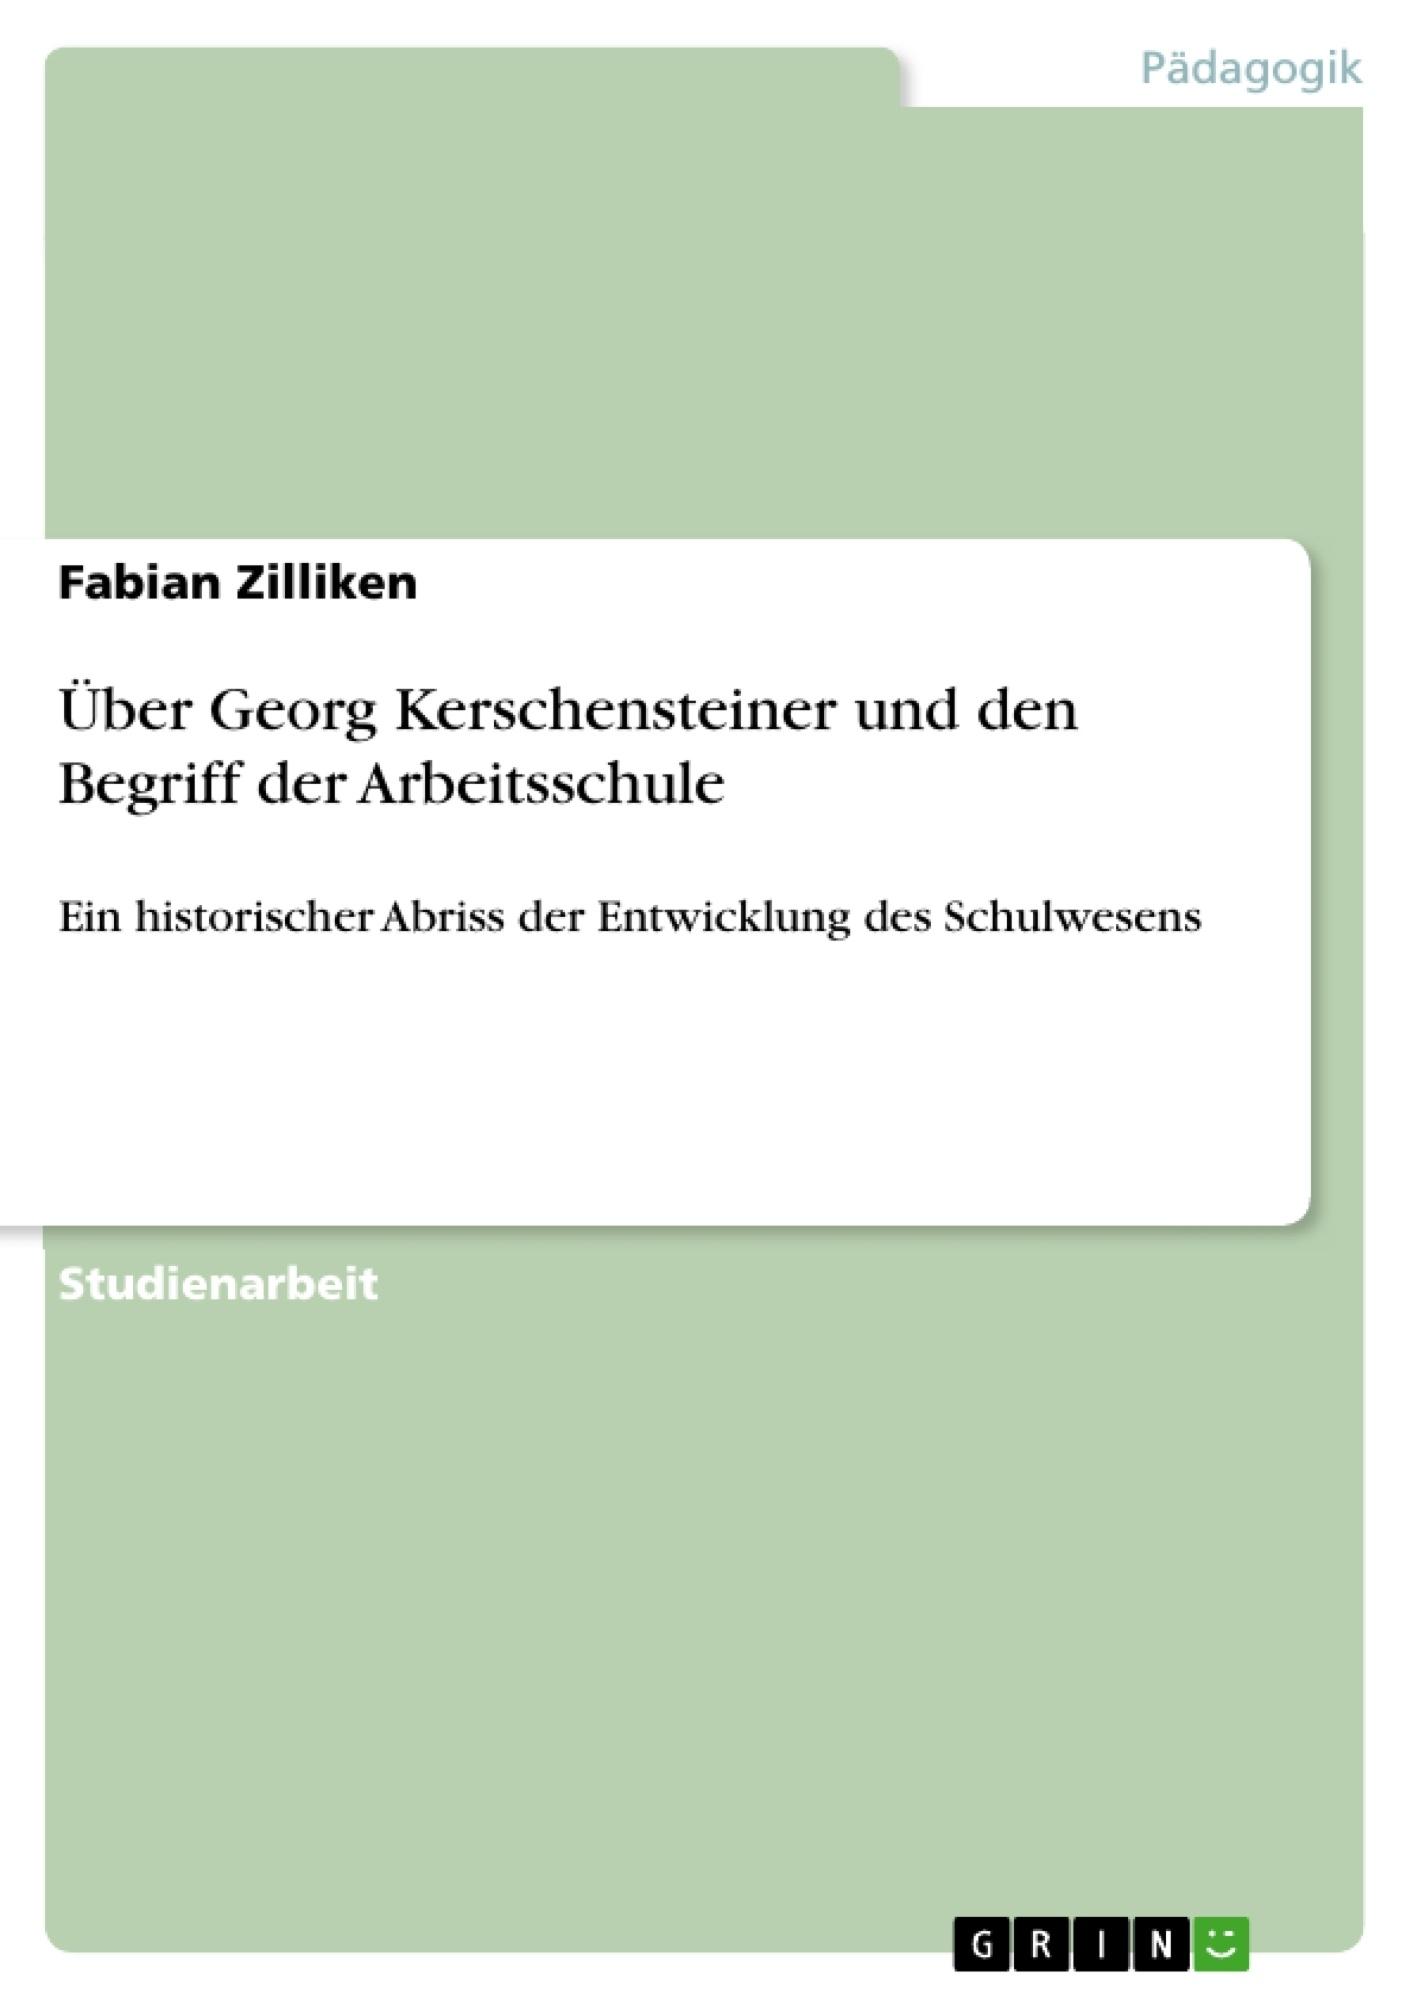 Titel: Über Georg Kerschensteiner und den Begriff der Arbeitsschule